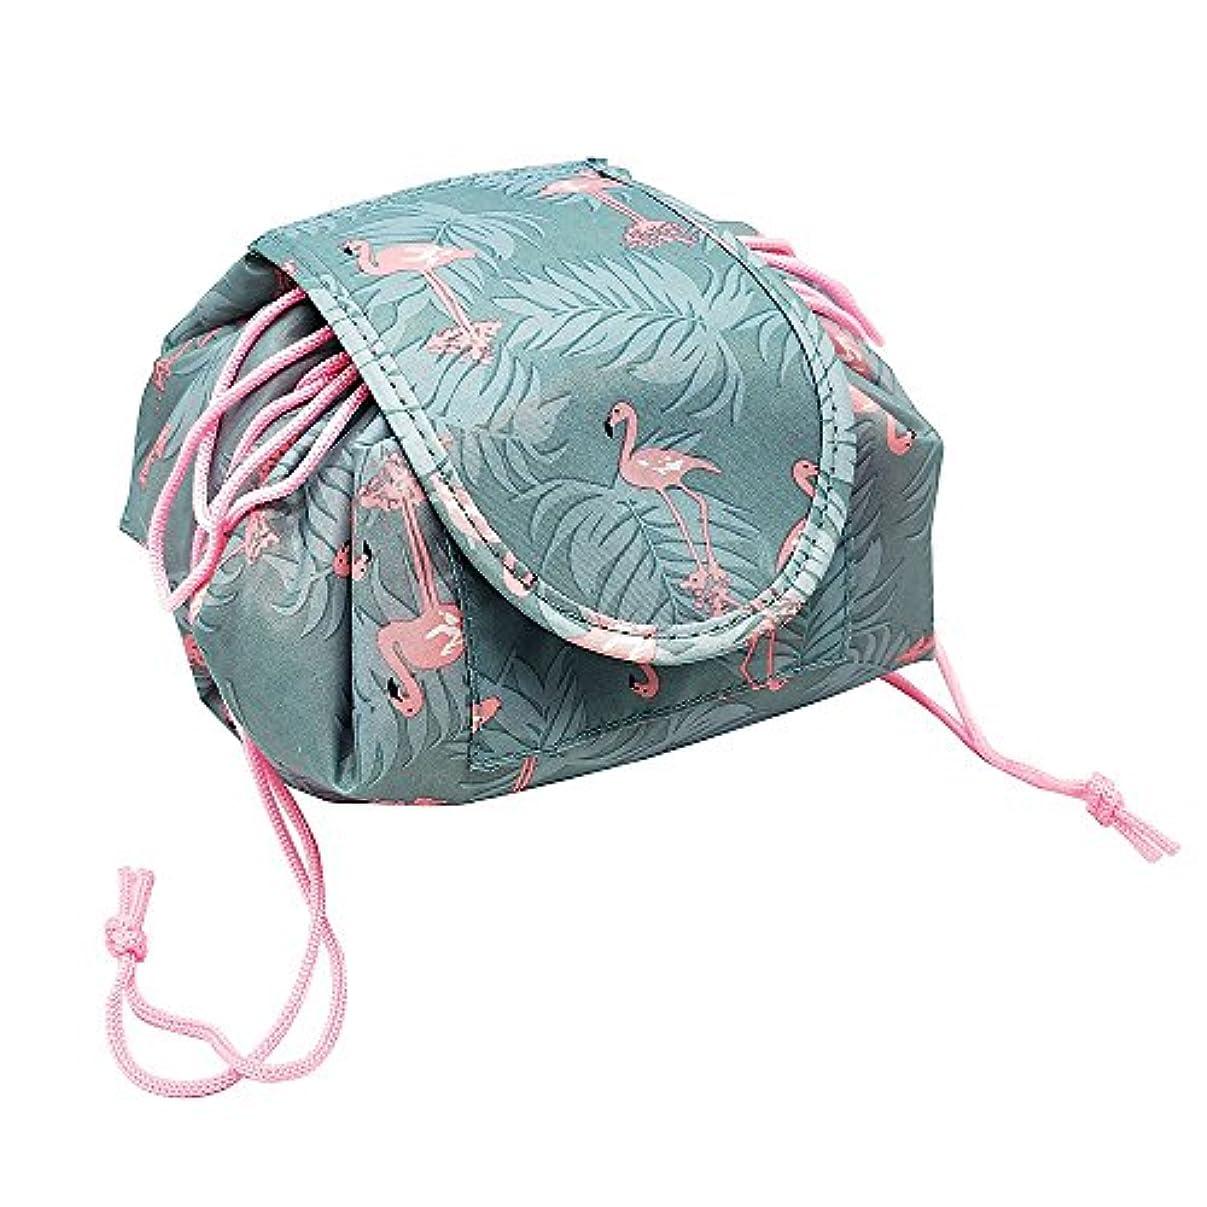 インストール周囲懲らしめYOE(ヨイ) 化粧ポーチ 巾着型 メイクポーチ 化粧品収納 ボックス メイクバッグ コスメ収納 ポーチ レディース (フリーサイズ, フラミンゴ)